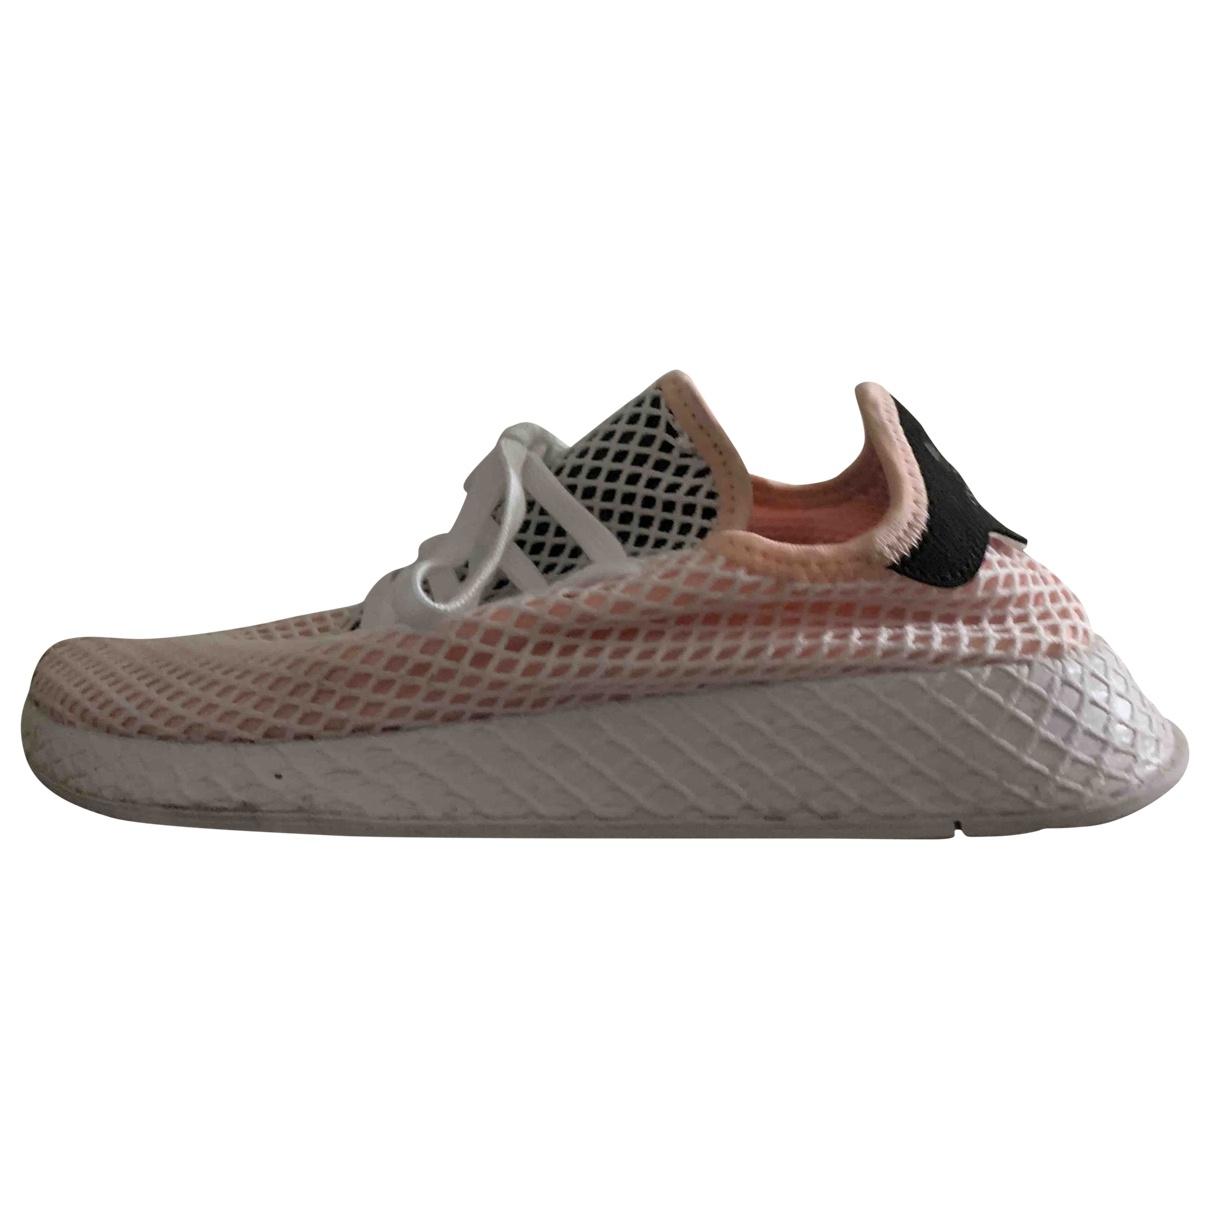 Adidas Deerupt Runner Trainers for Women 8 US